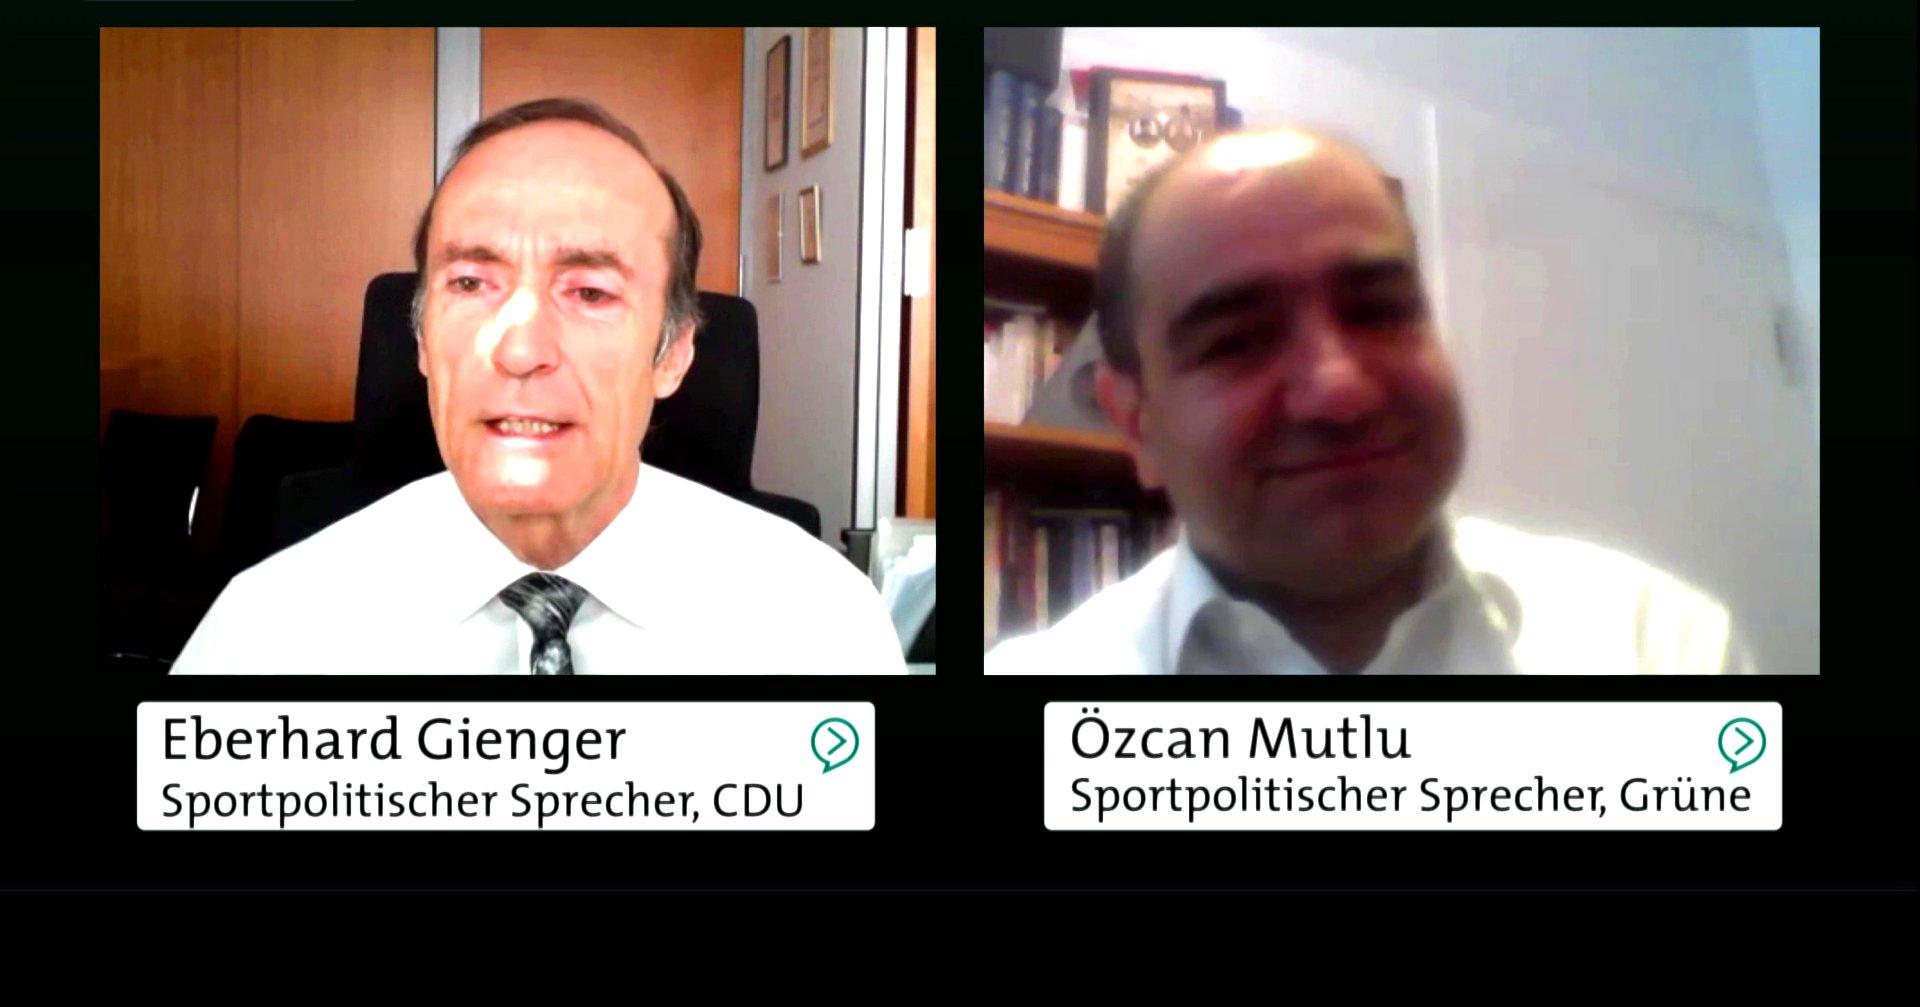 Streitgespräch zwischen Özcan Mutlu (Sprecher für Sport- und Bildungspolitik der Grünen) und Eberhard Gienger (sportpolitischer Sprecher, CDU).